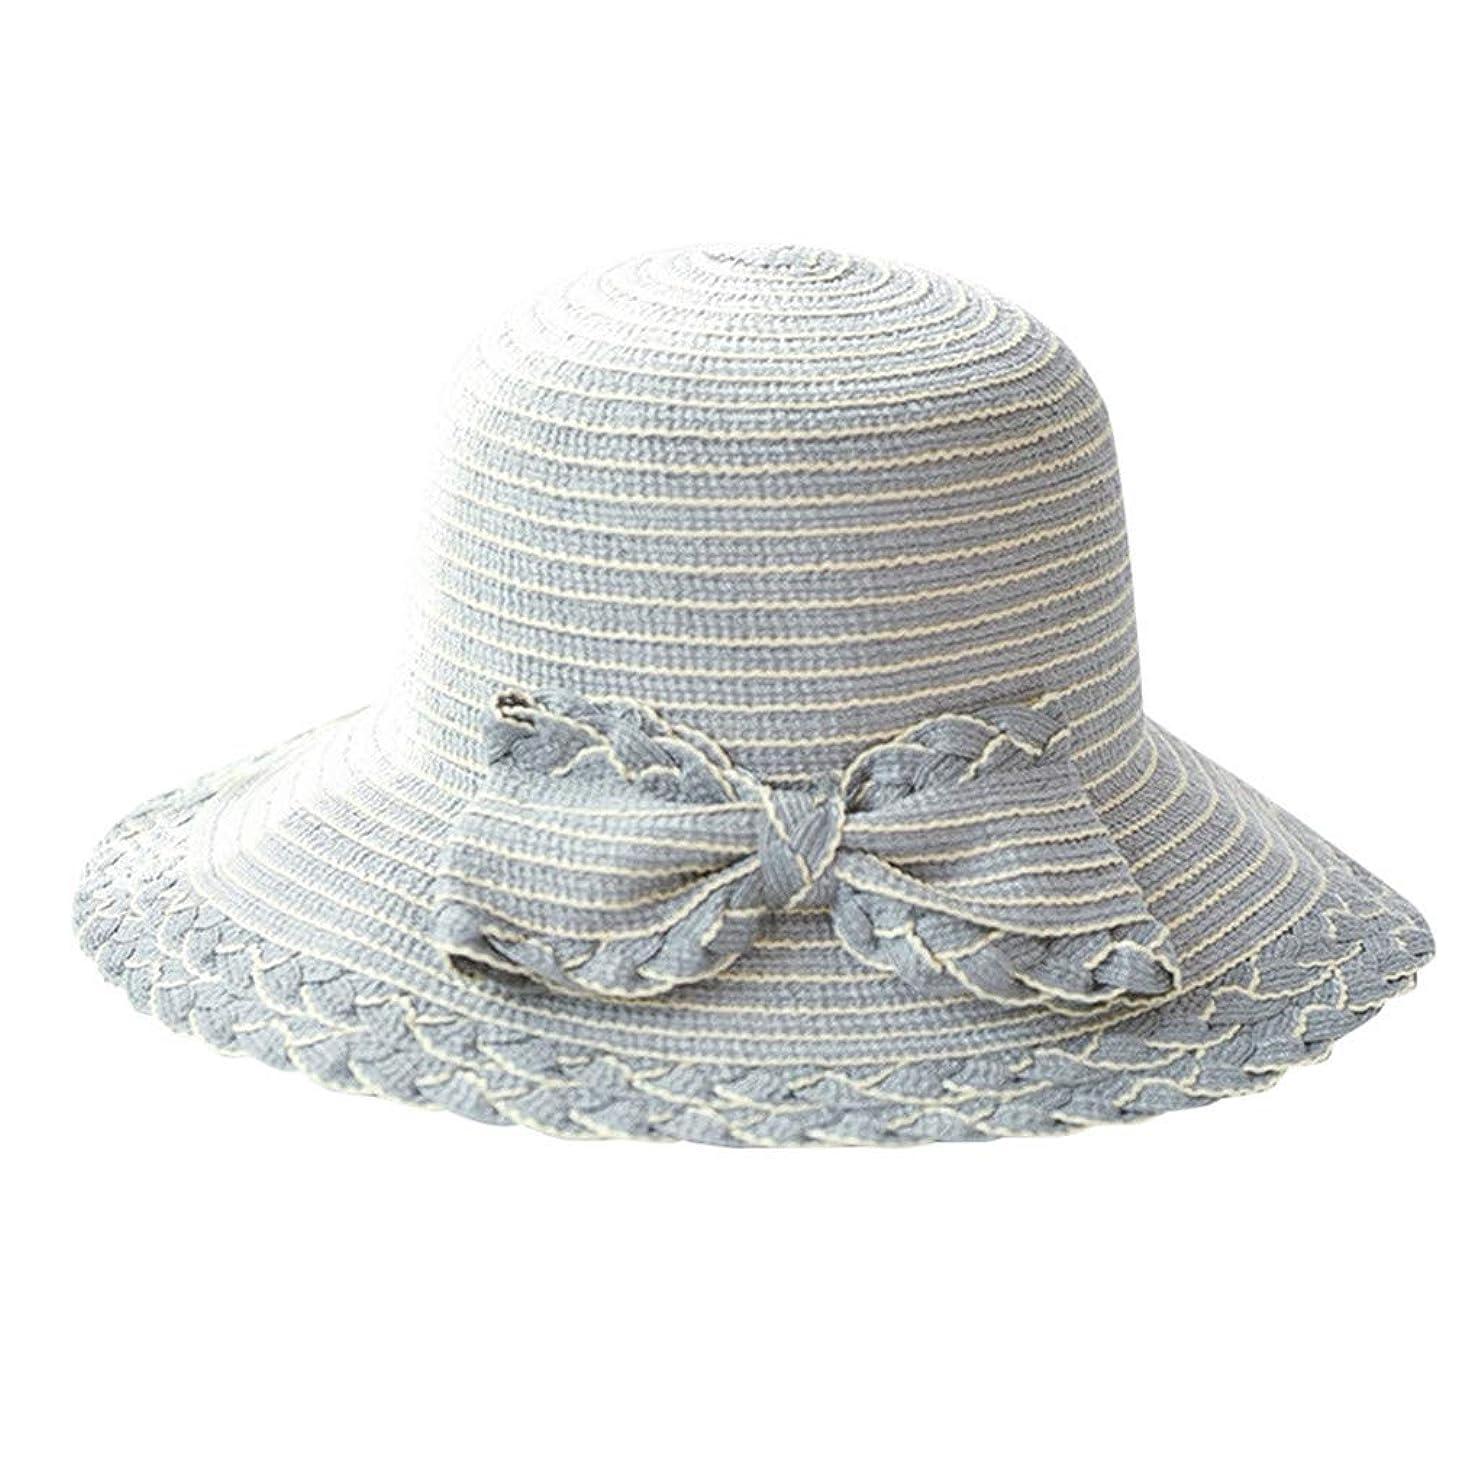 湖安西ありそう夏 帽子 レディース UVカット 帽子 ハット レディース 日よけ 夏季 女優帽 日よけ 日焼け 折りたたみ 持ち運び つば広 吸汗通気 ハット レディース 紫外線対策 小顔効果 ワイヤー入る ハット ROSE ROMAN